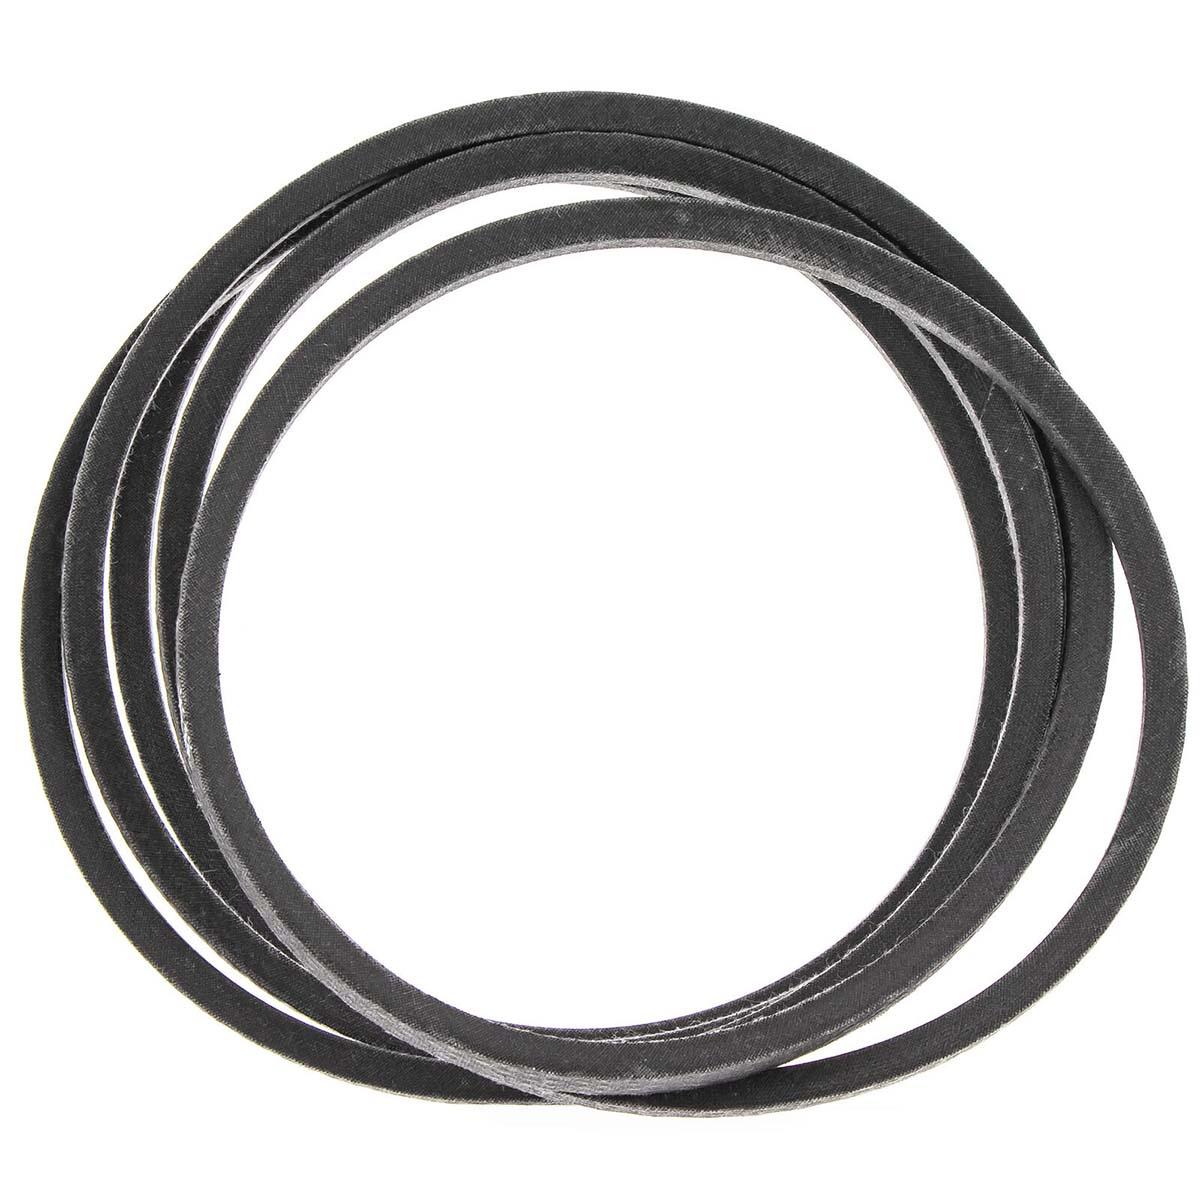 Ferris Belt (A-Sec 130 Inch) 5105516